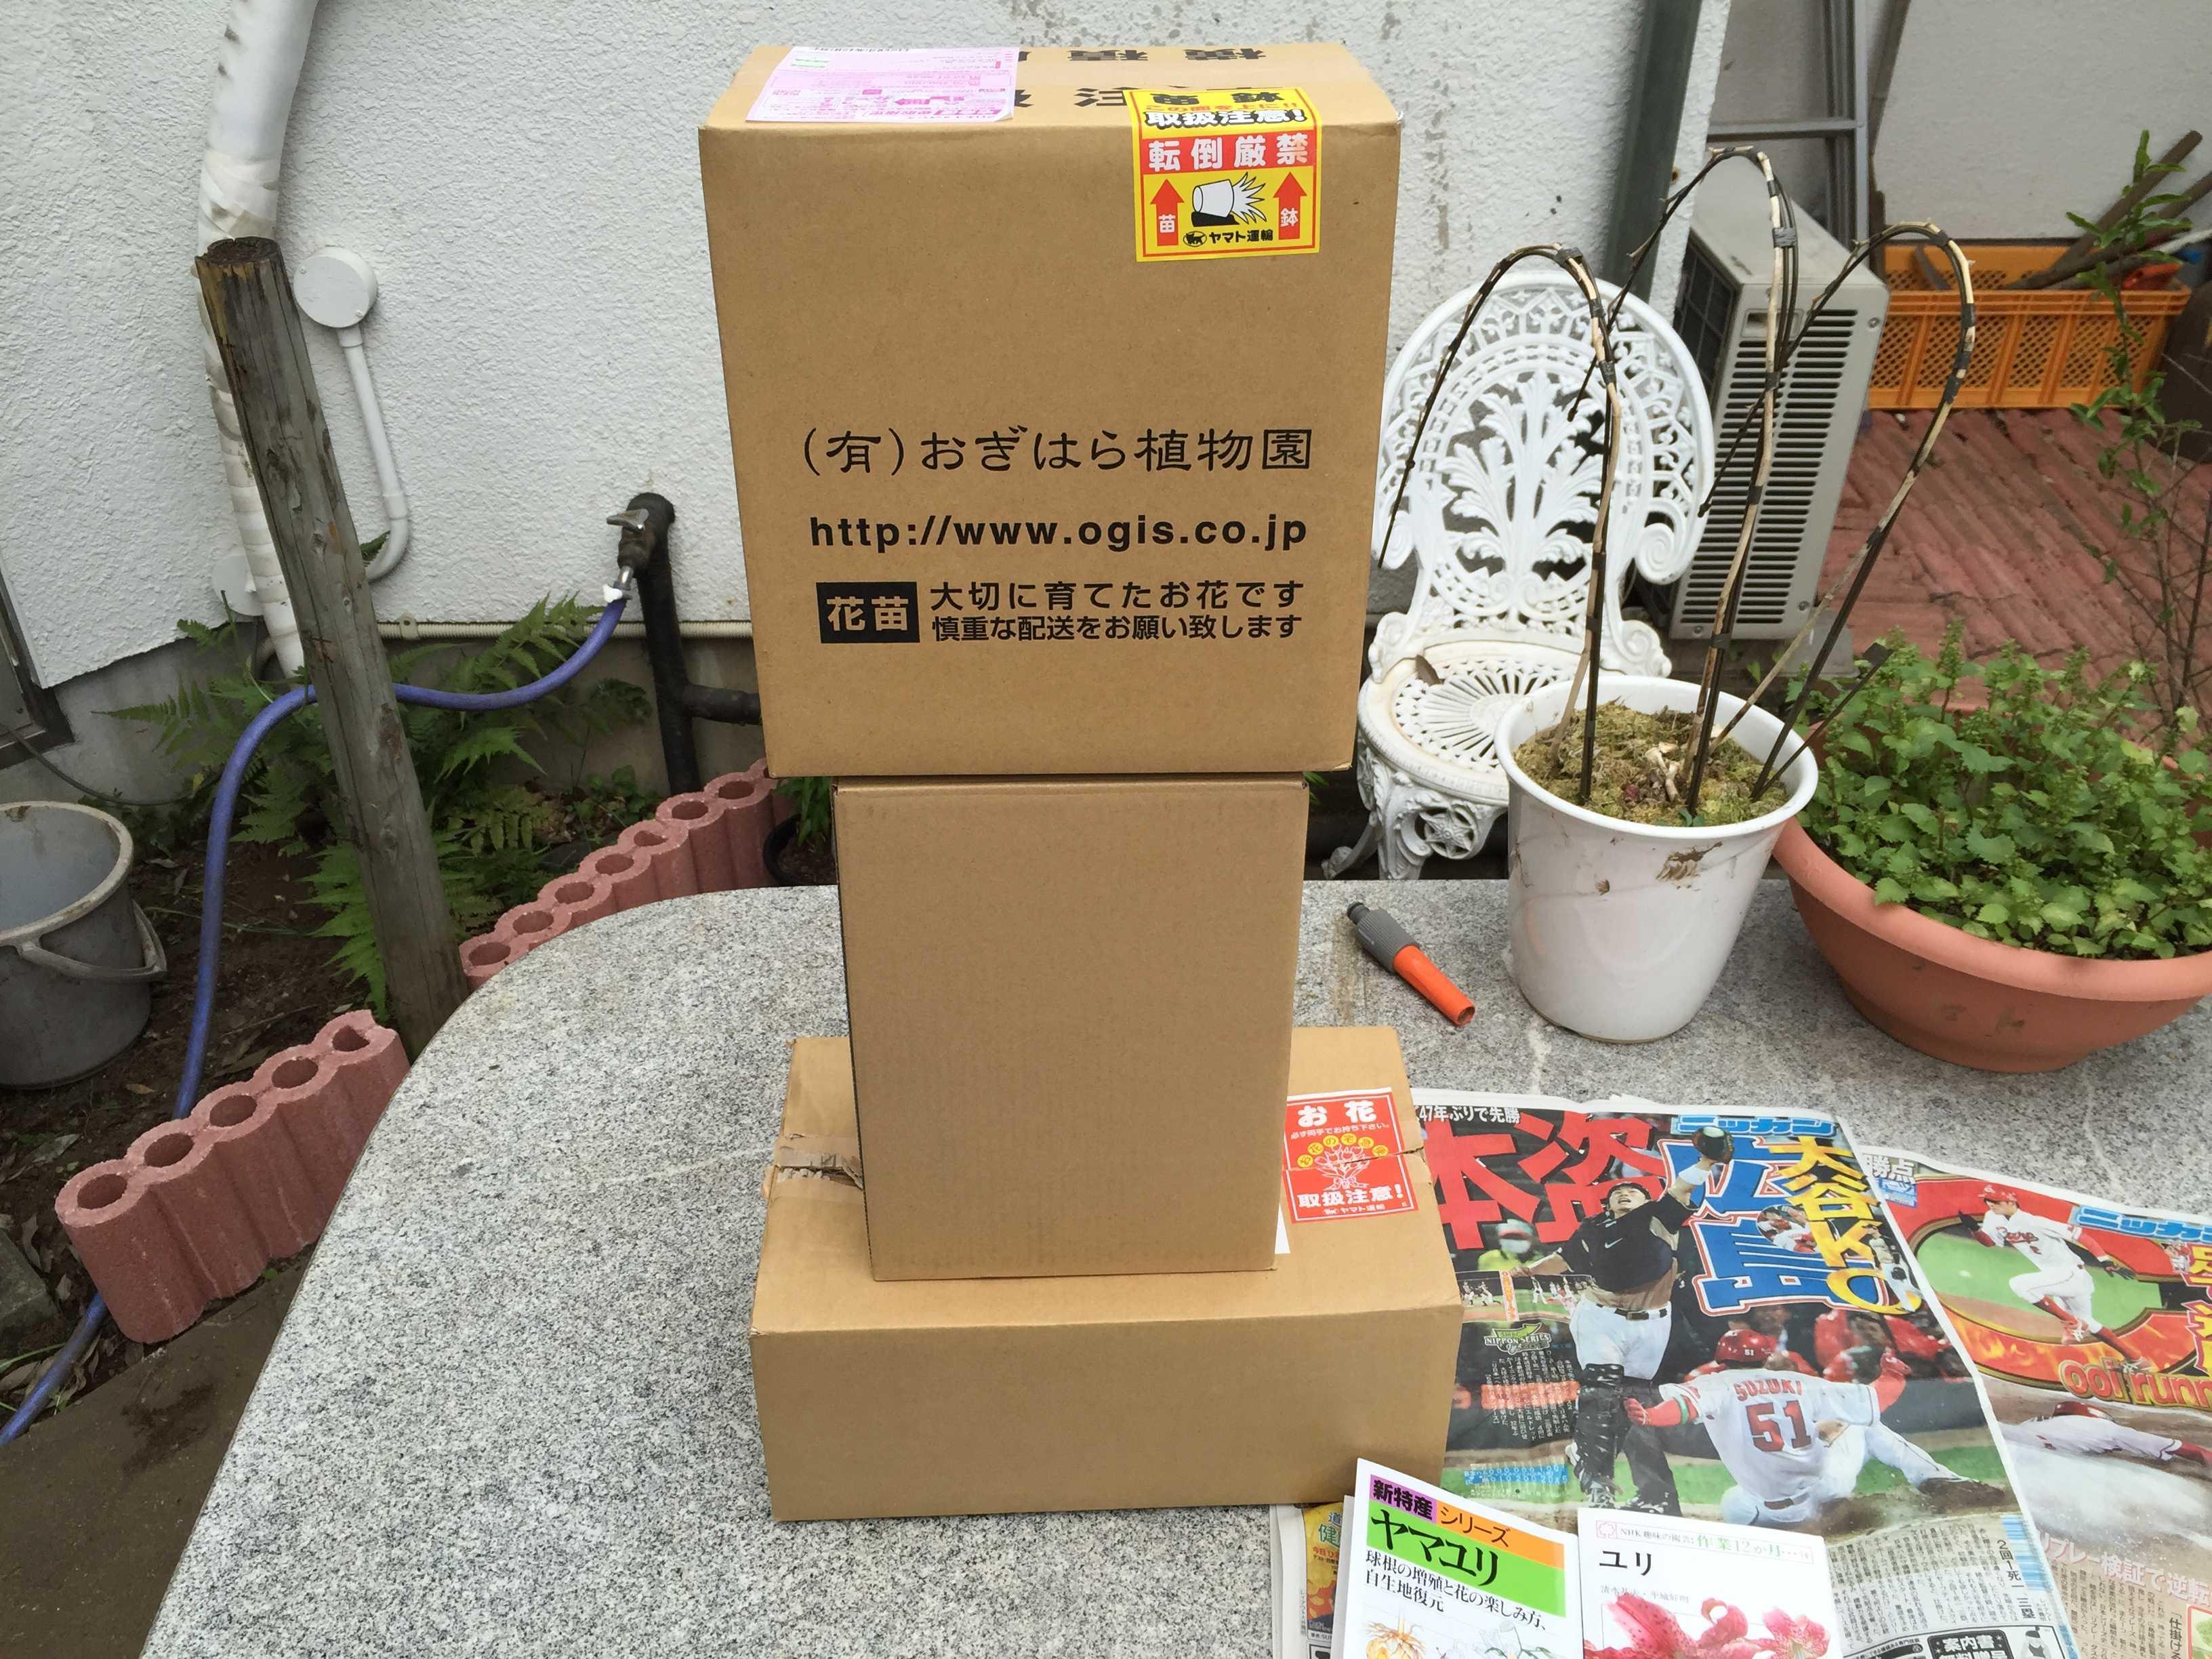 ヤマユリの鱗片挿し - ネット通販で購入